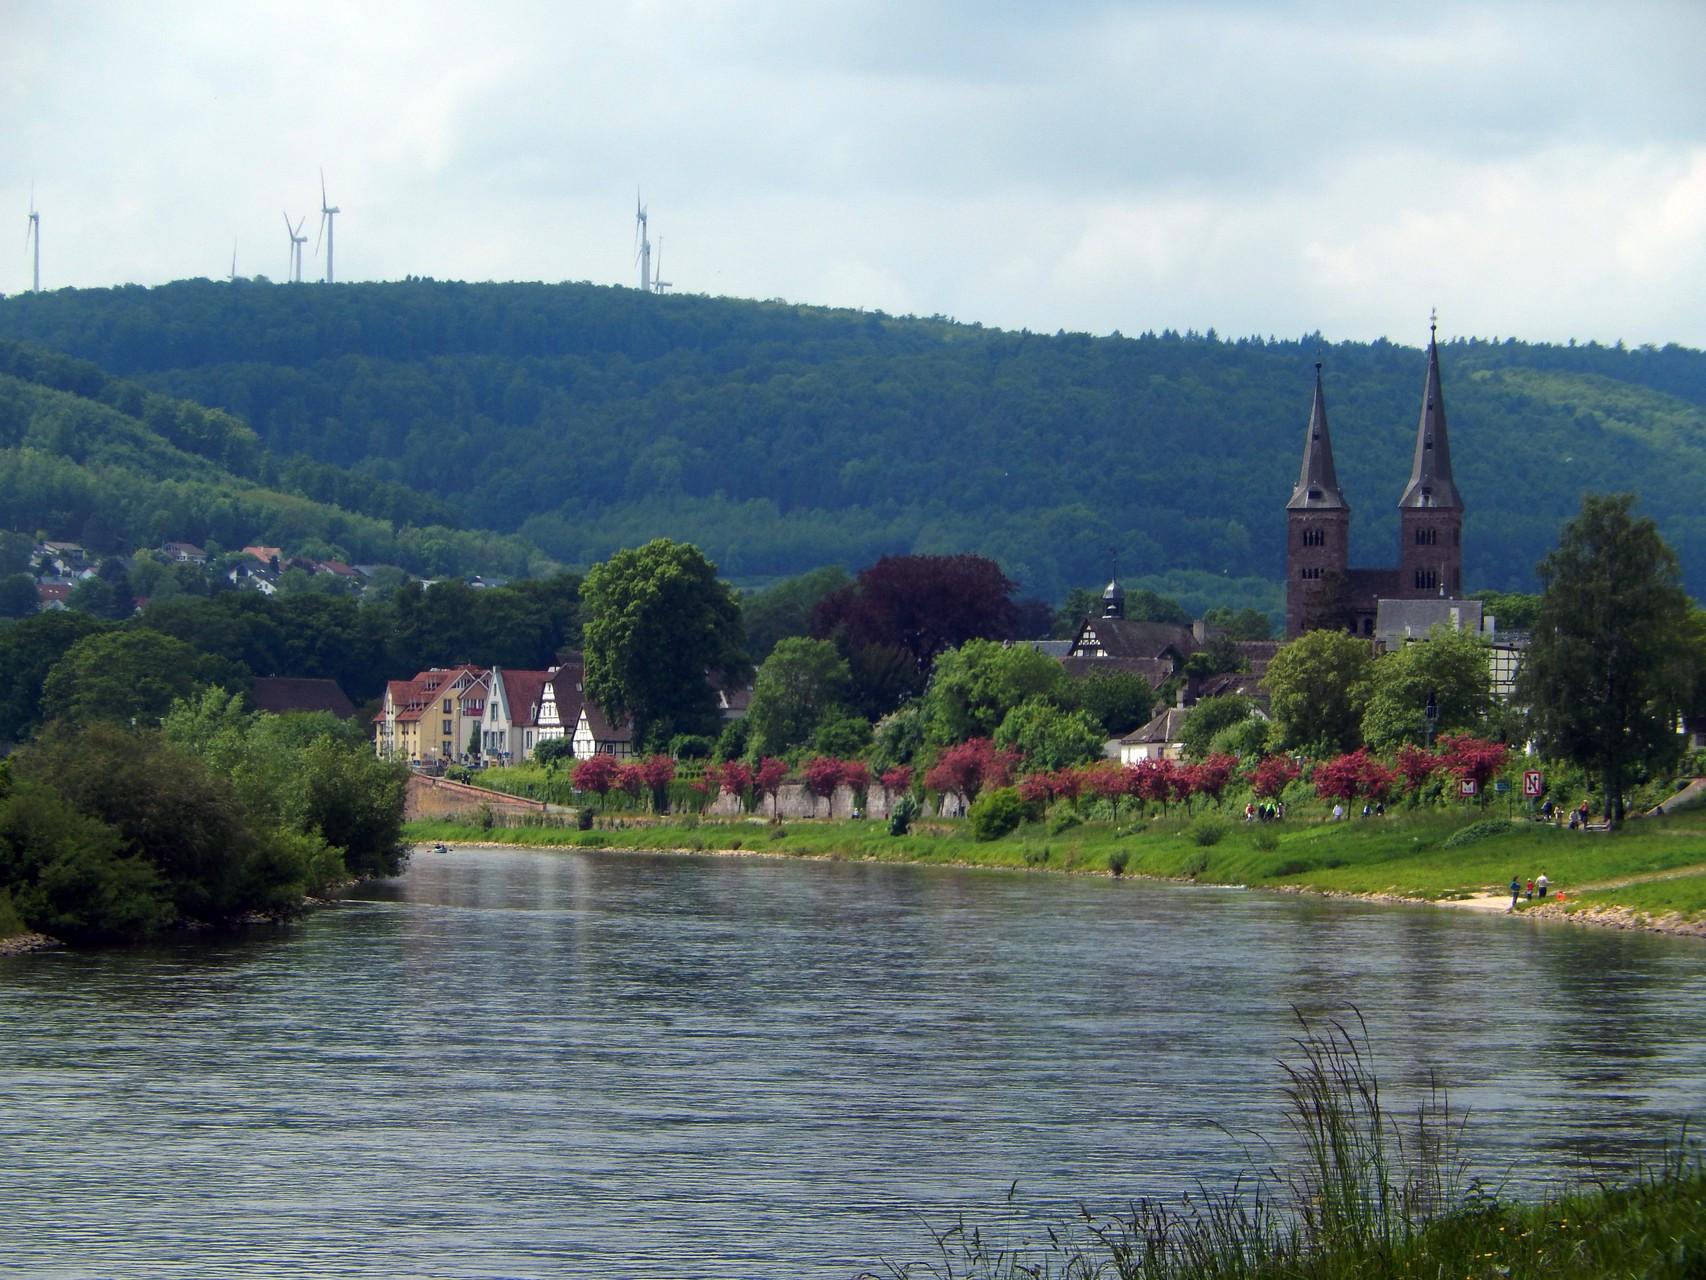 Weserpromenade in Höxter